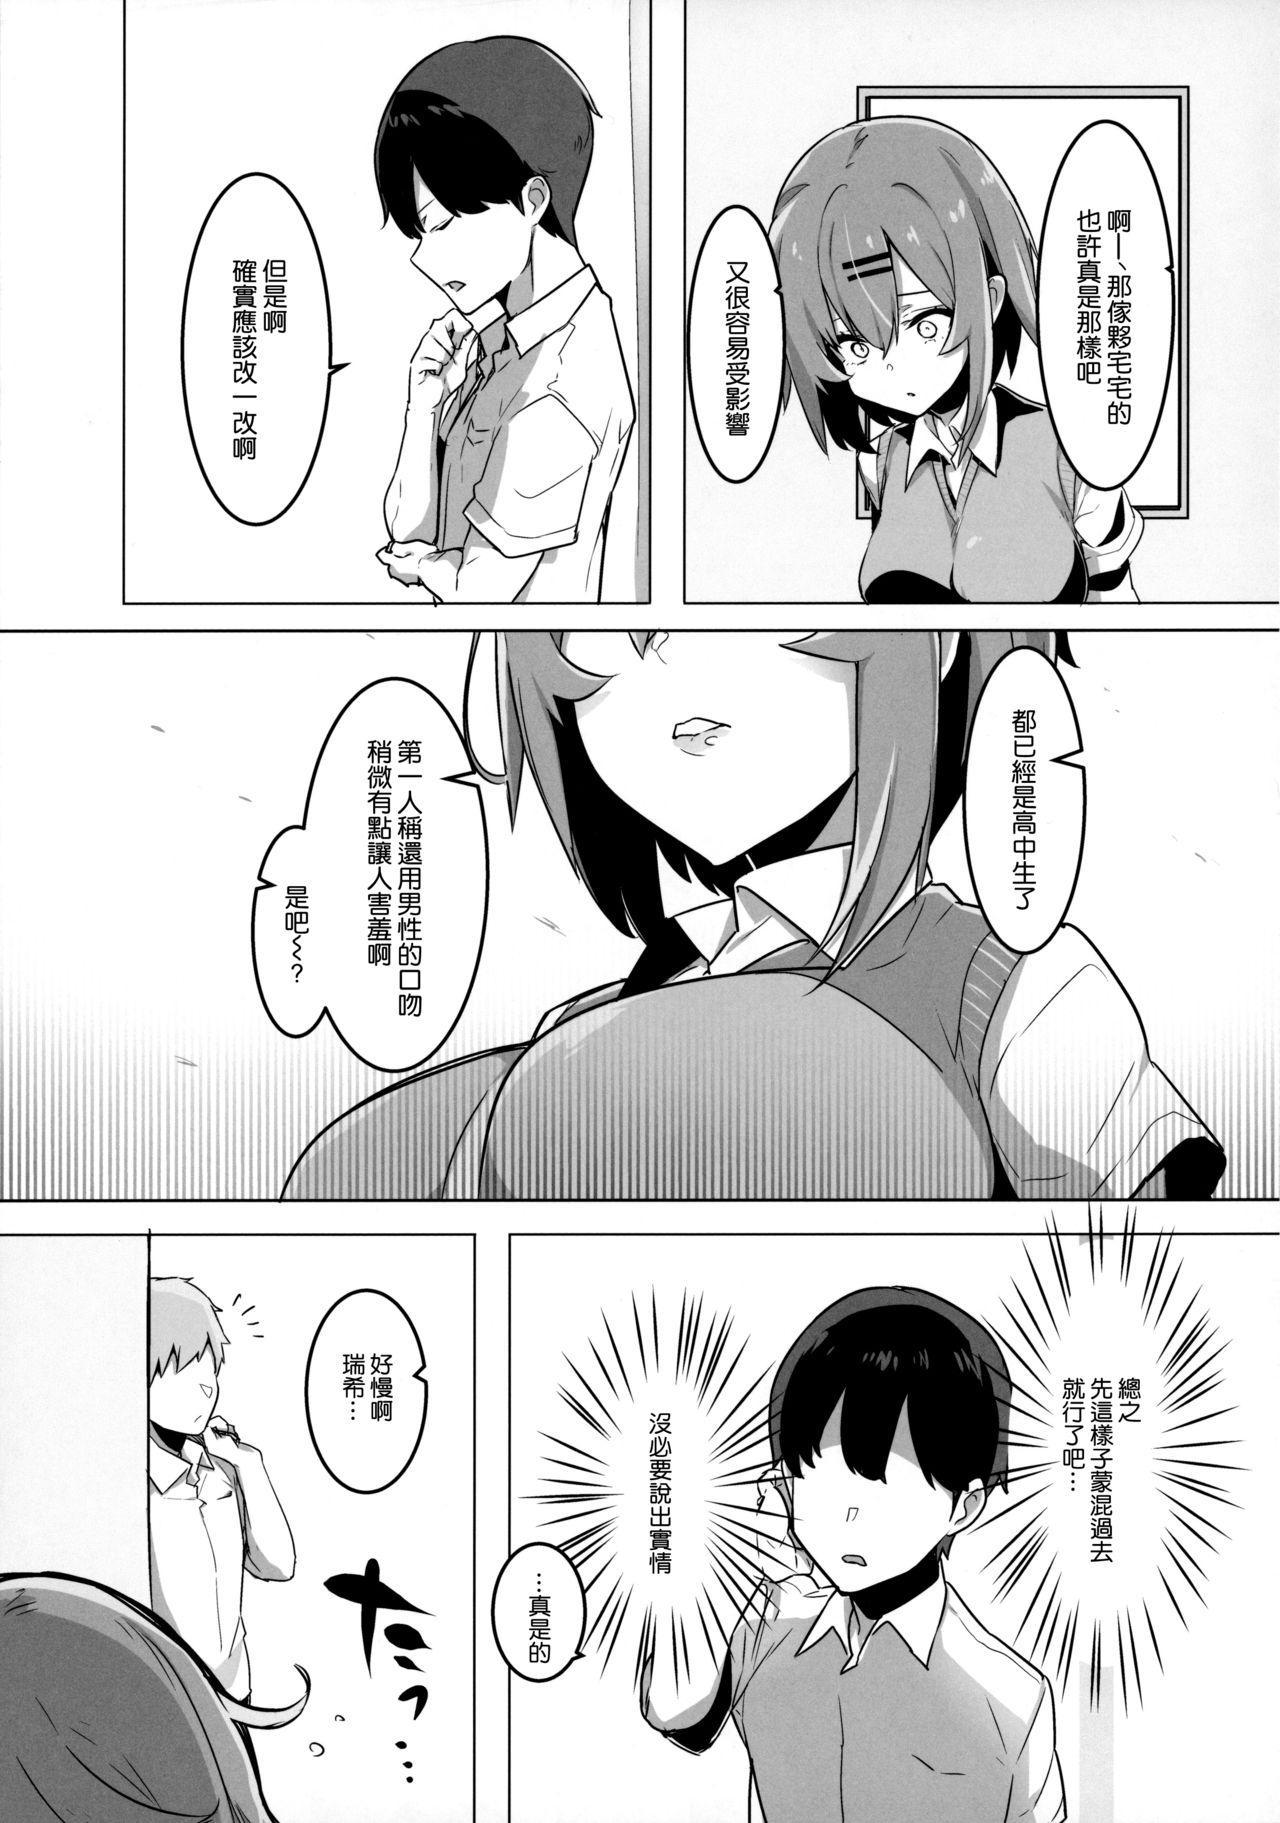 Bokukko Osananajimi o Netotte Mitara Masaka no Kekka ni 8